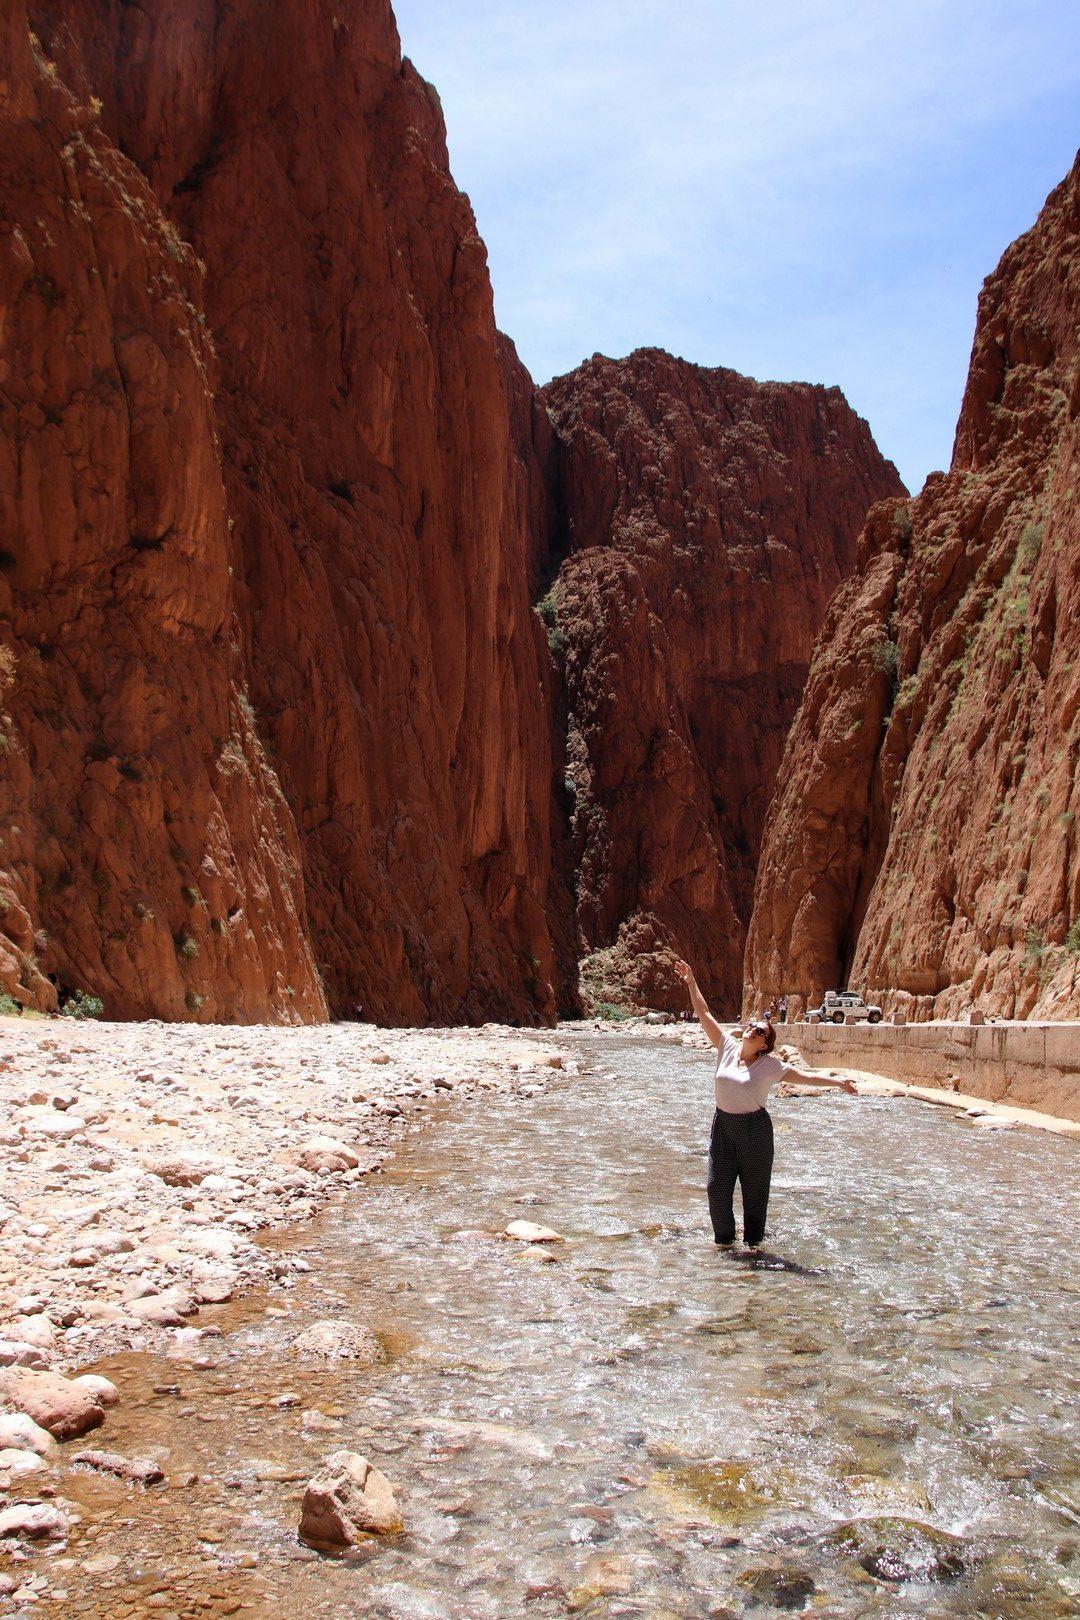 Maroc - Les pieds dans l'oued dans les gorges du Todra